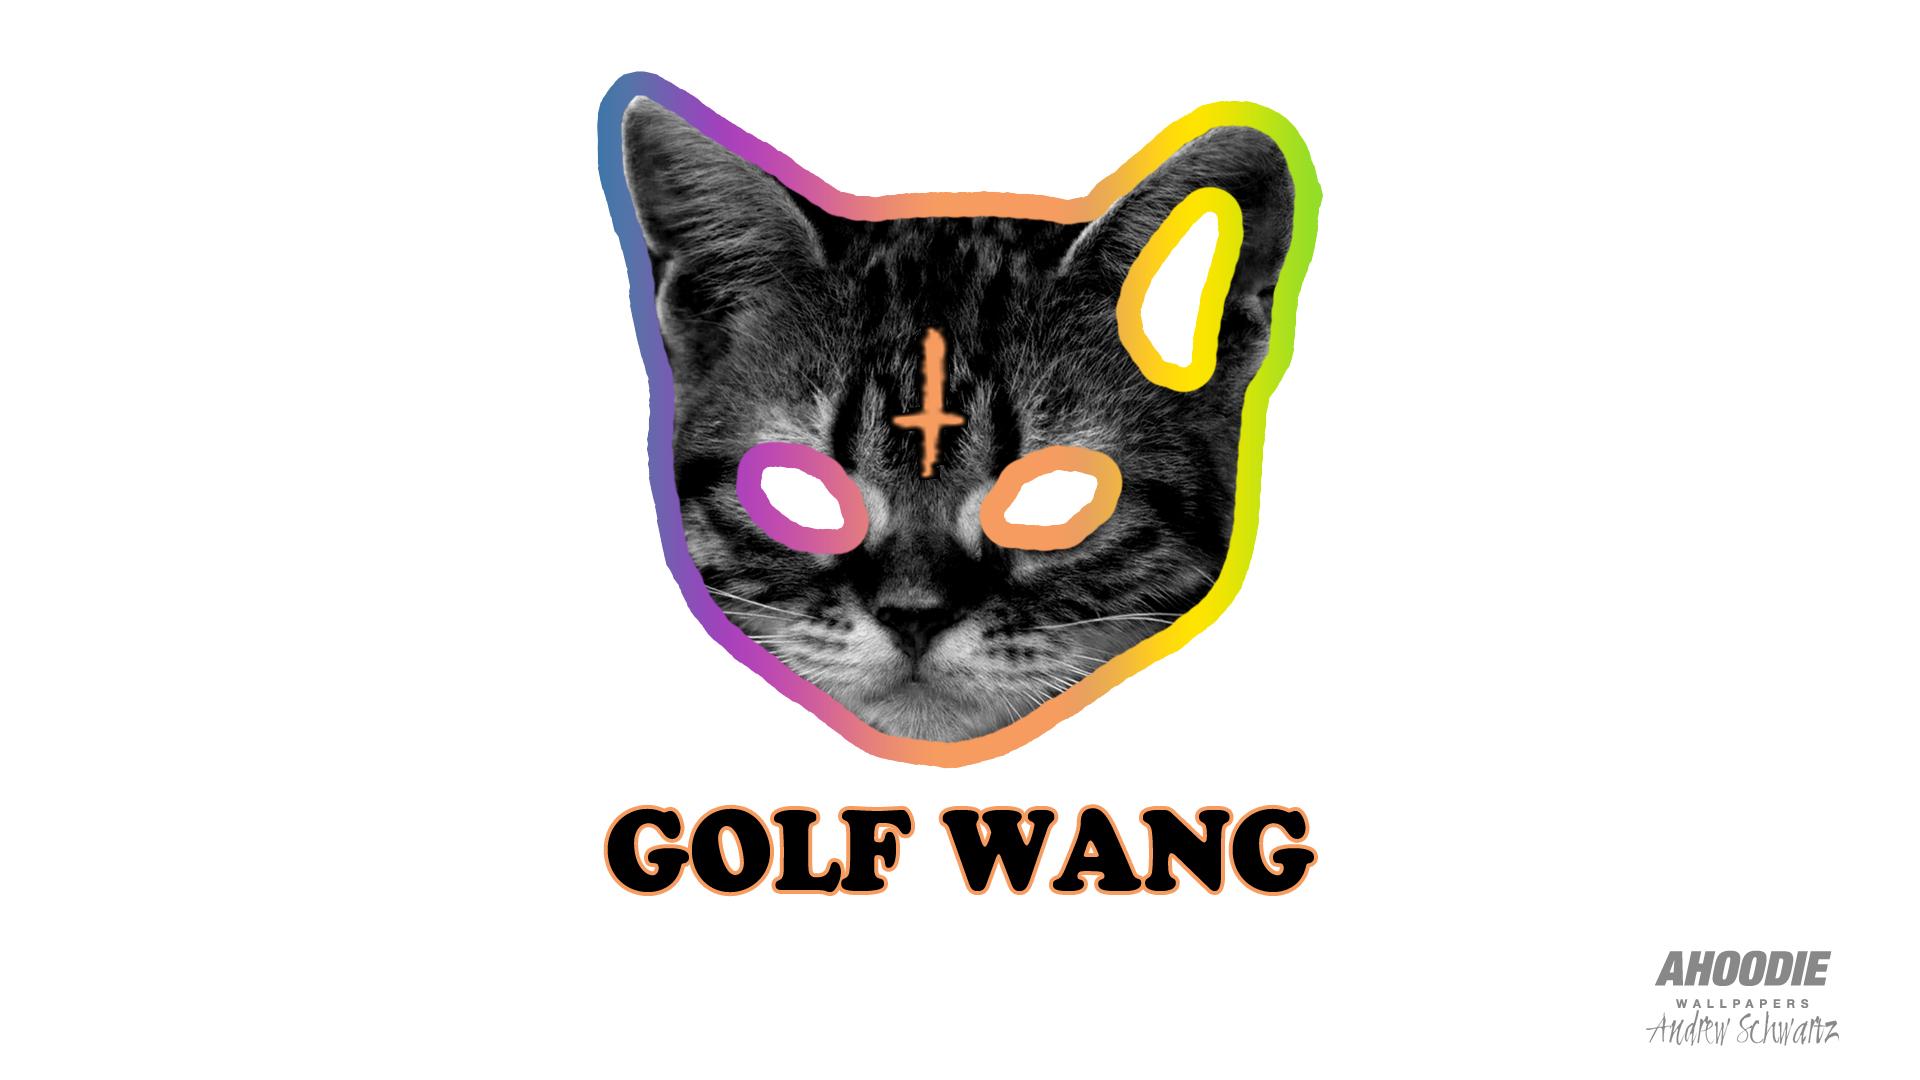 Sports Wallpapers: Golf Wang Cat Wallpaper |Catwang Wallpaper